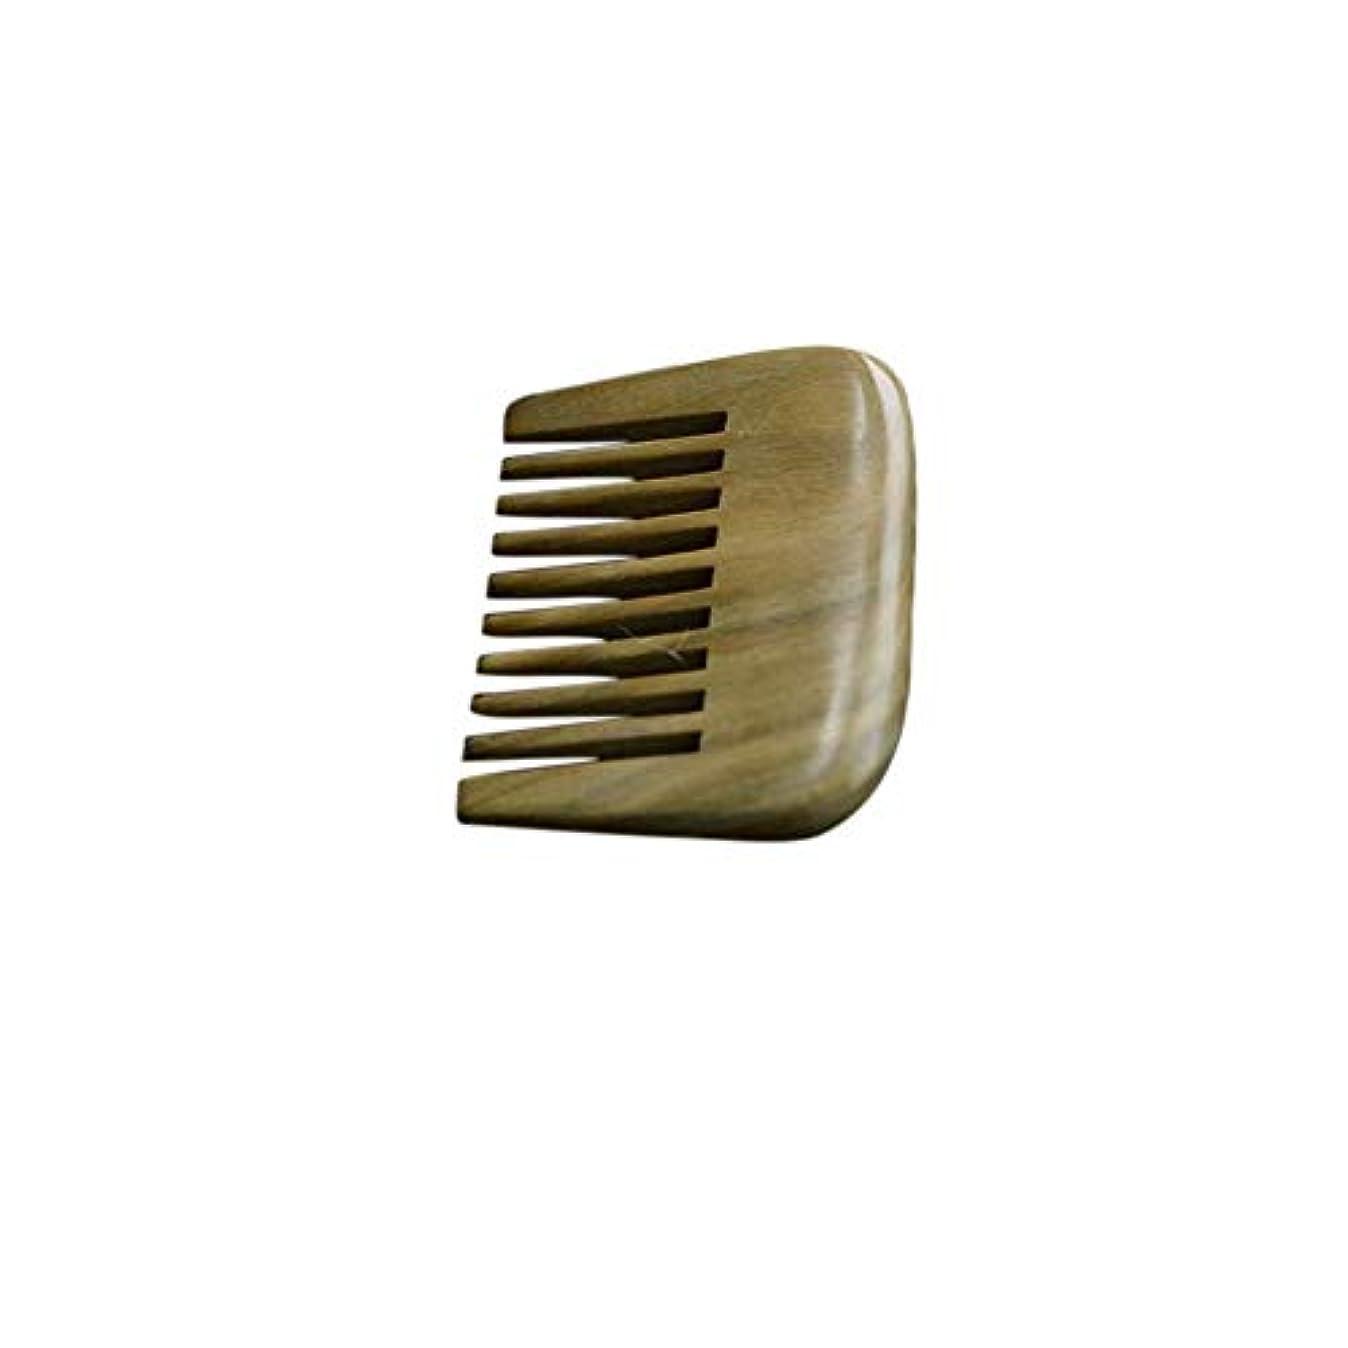 比類なき大人癒すWASAIO グリーンサンダルウッドワイド歯ナチュラルくし、カーリーストレートヘアブラシブラシ手作りの木製抗静的木製くしヘアブラシ